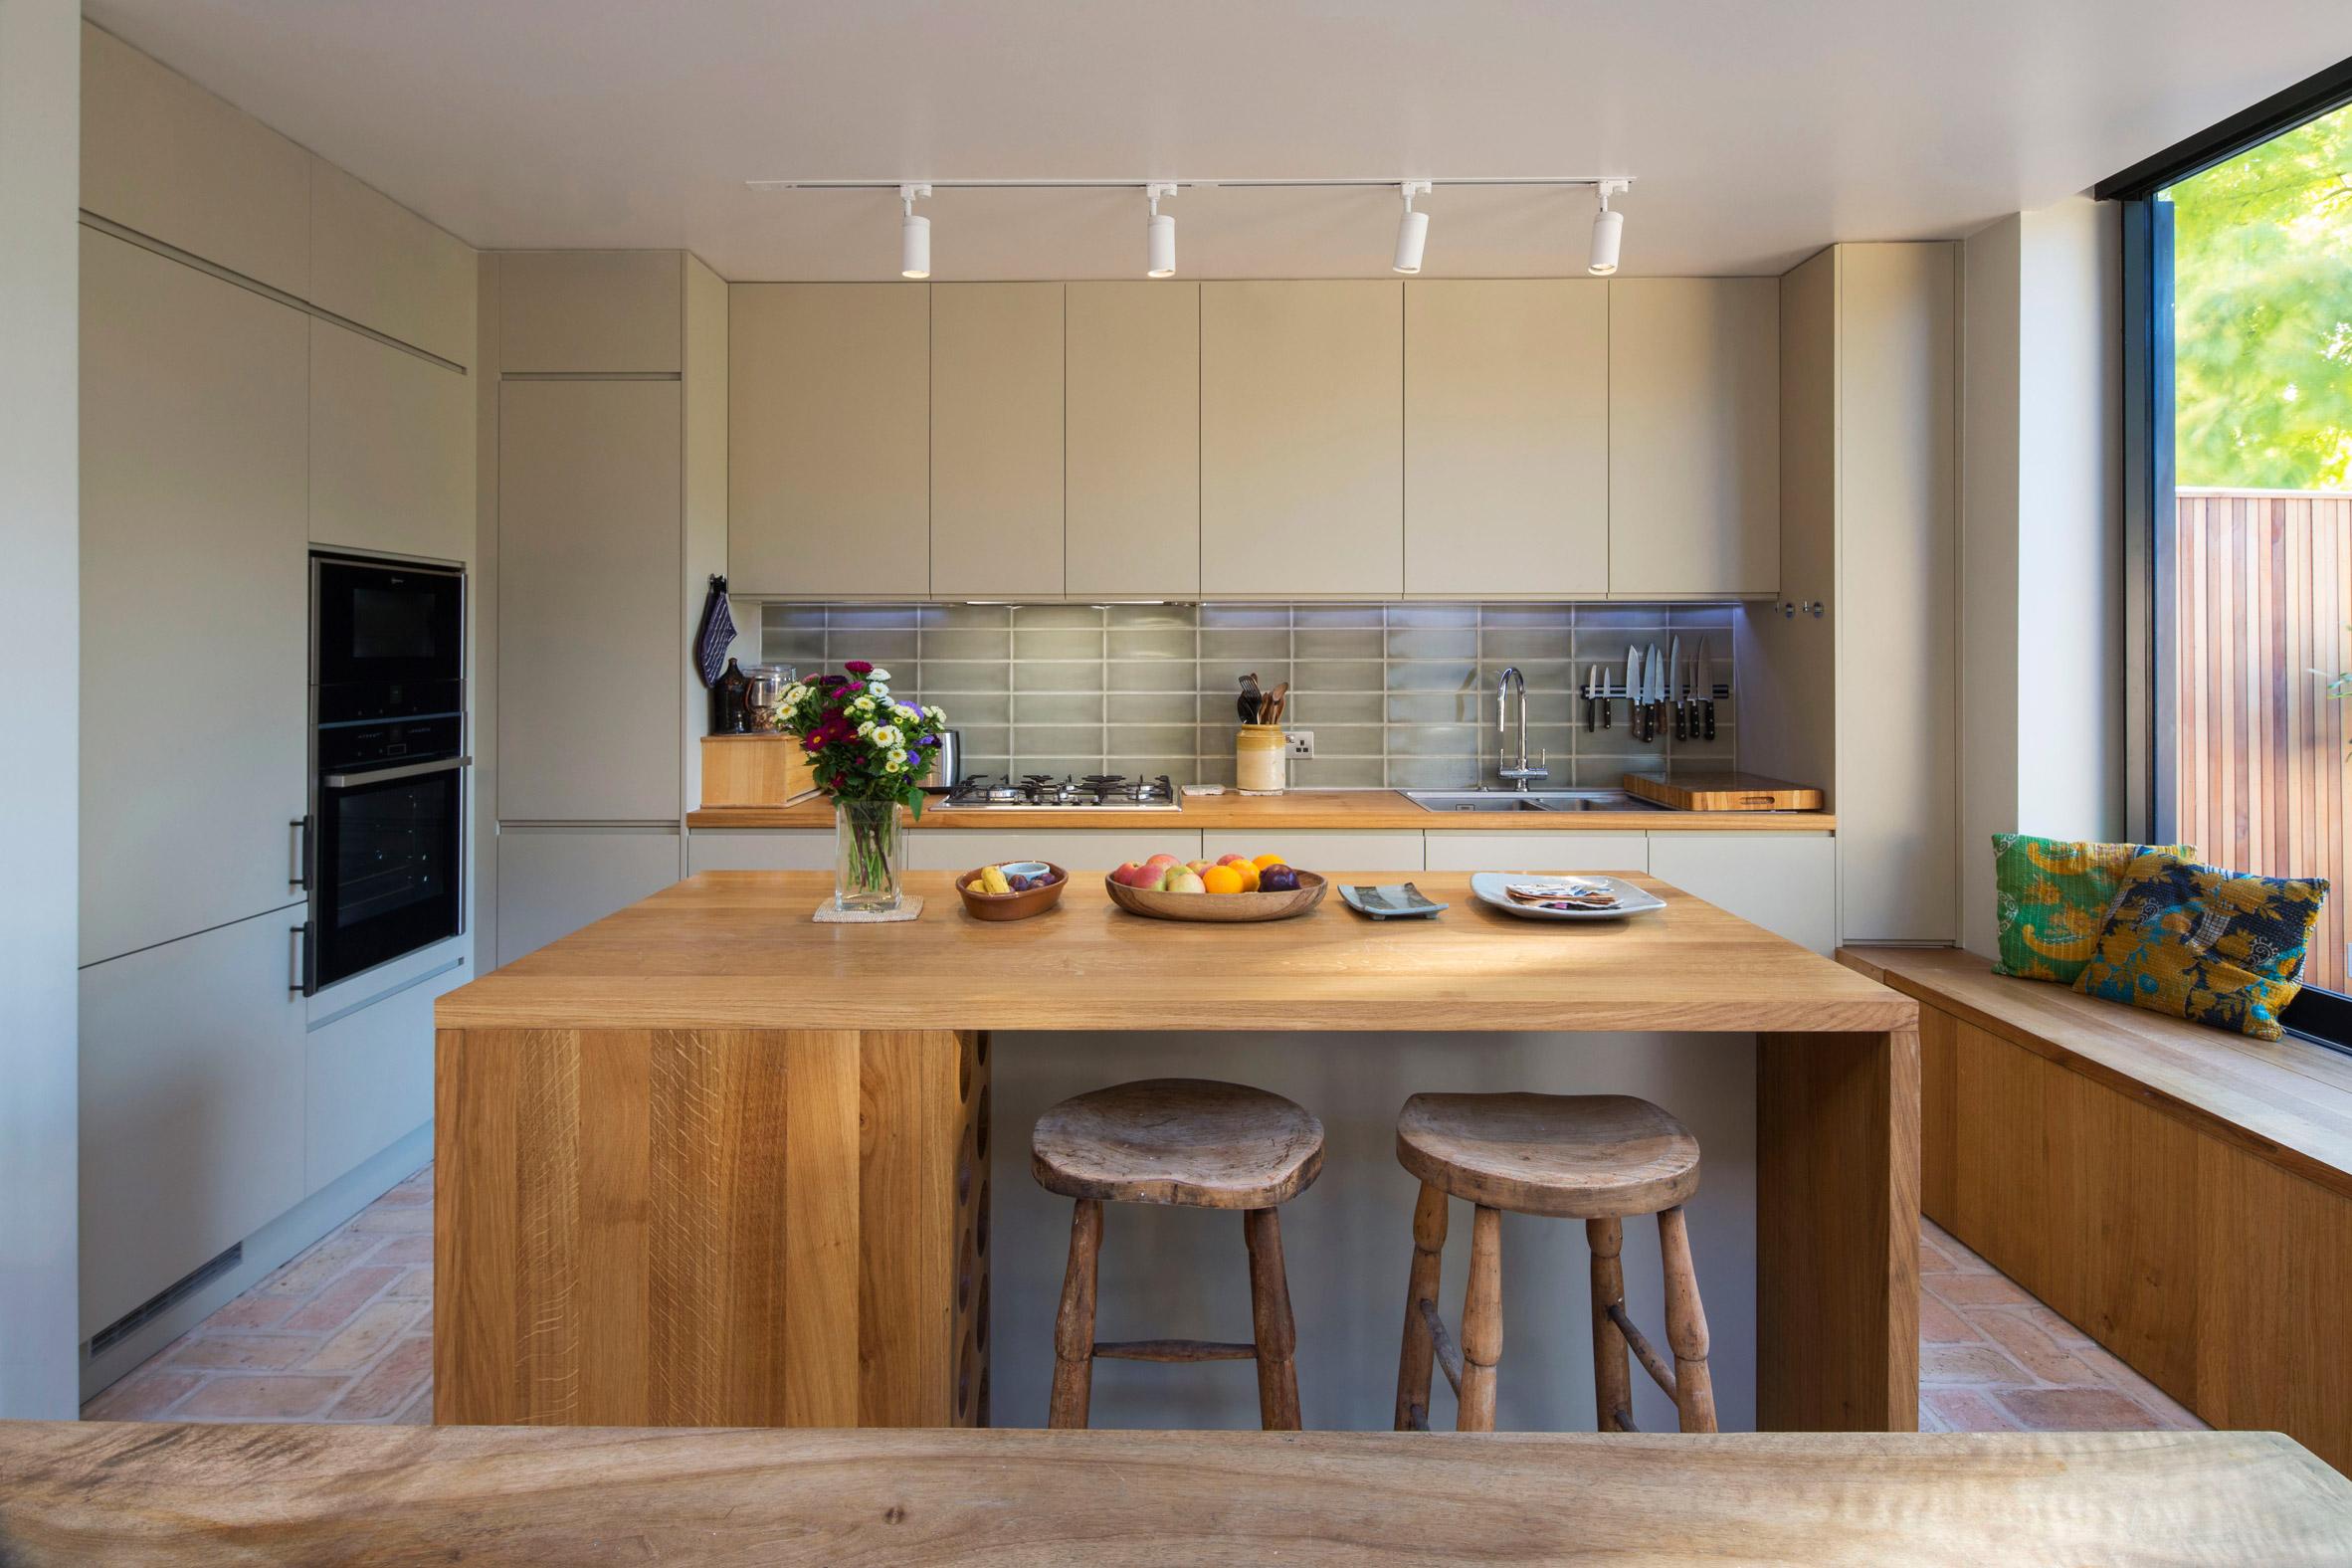 Mẫu tủ bếp đẹp bằng gỗ 4